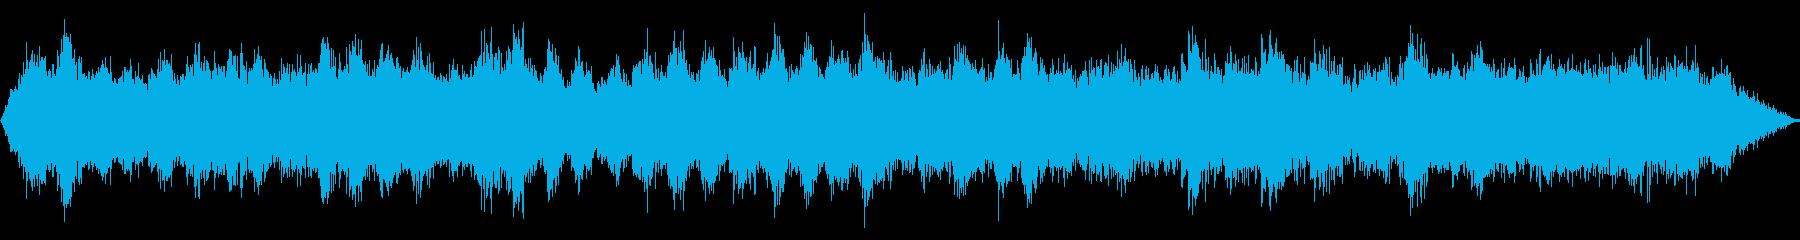 空間周波数の渦、高速の再生済みの波形